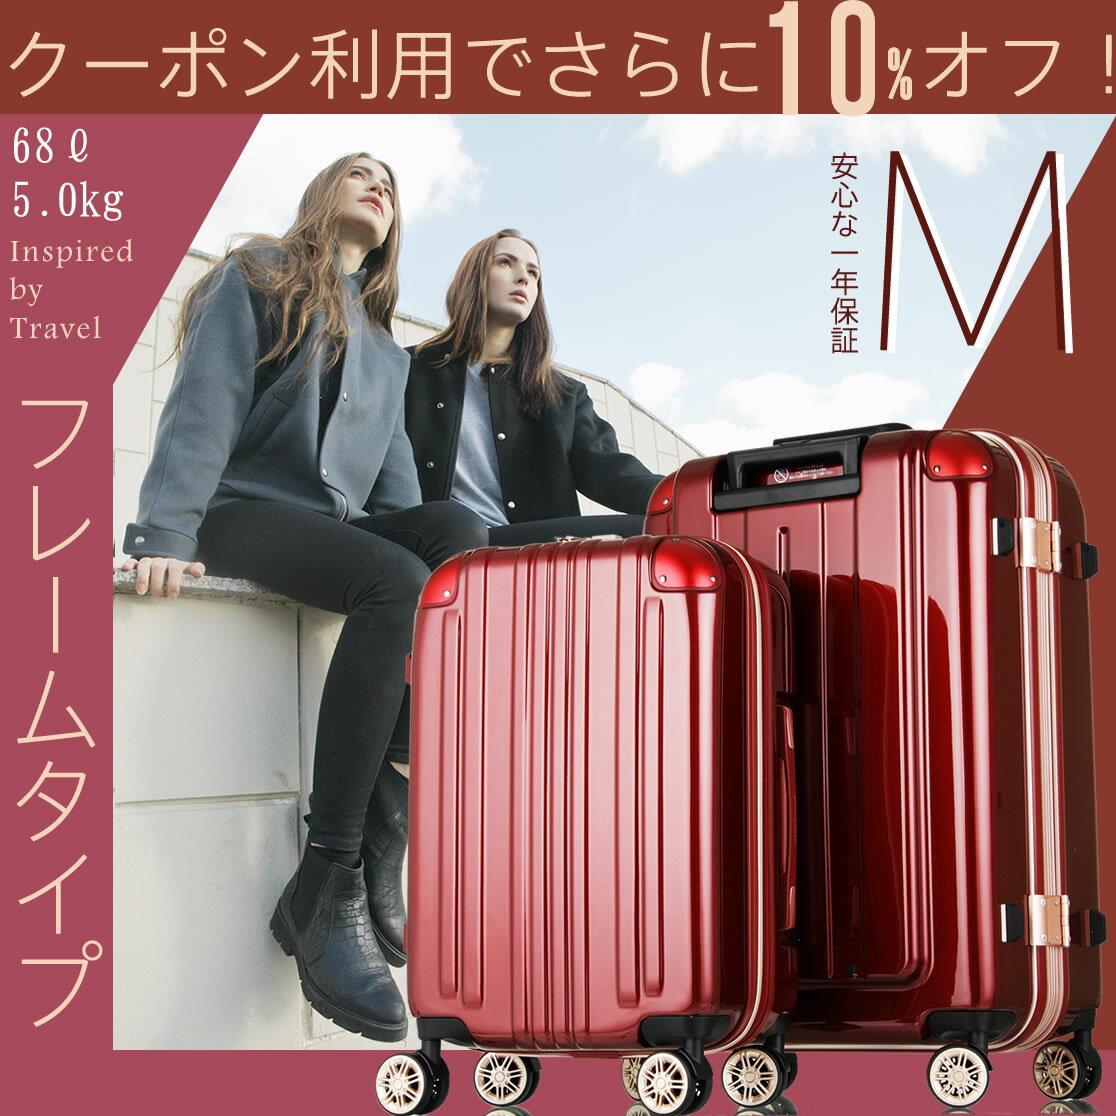 スーツケース キャリーバッグ キャリーバック キャリーケース 無料受託手荷物 中型 M サイズ 5日 6日 7日ダブルキャスター メーカー1年修理保証 LEGEND WALKER レジェンドウォーカー 『5122-62』